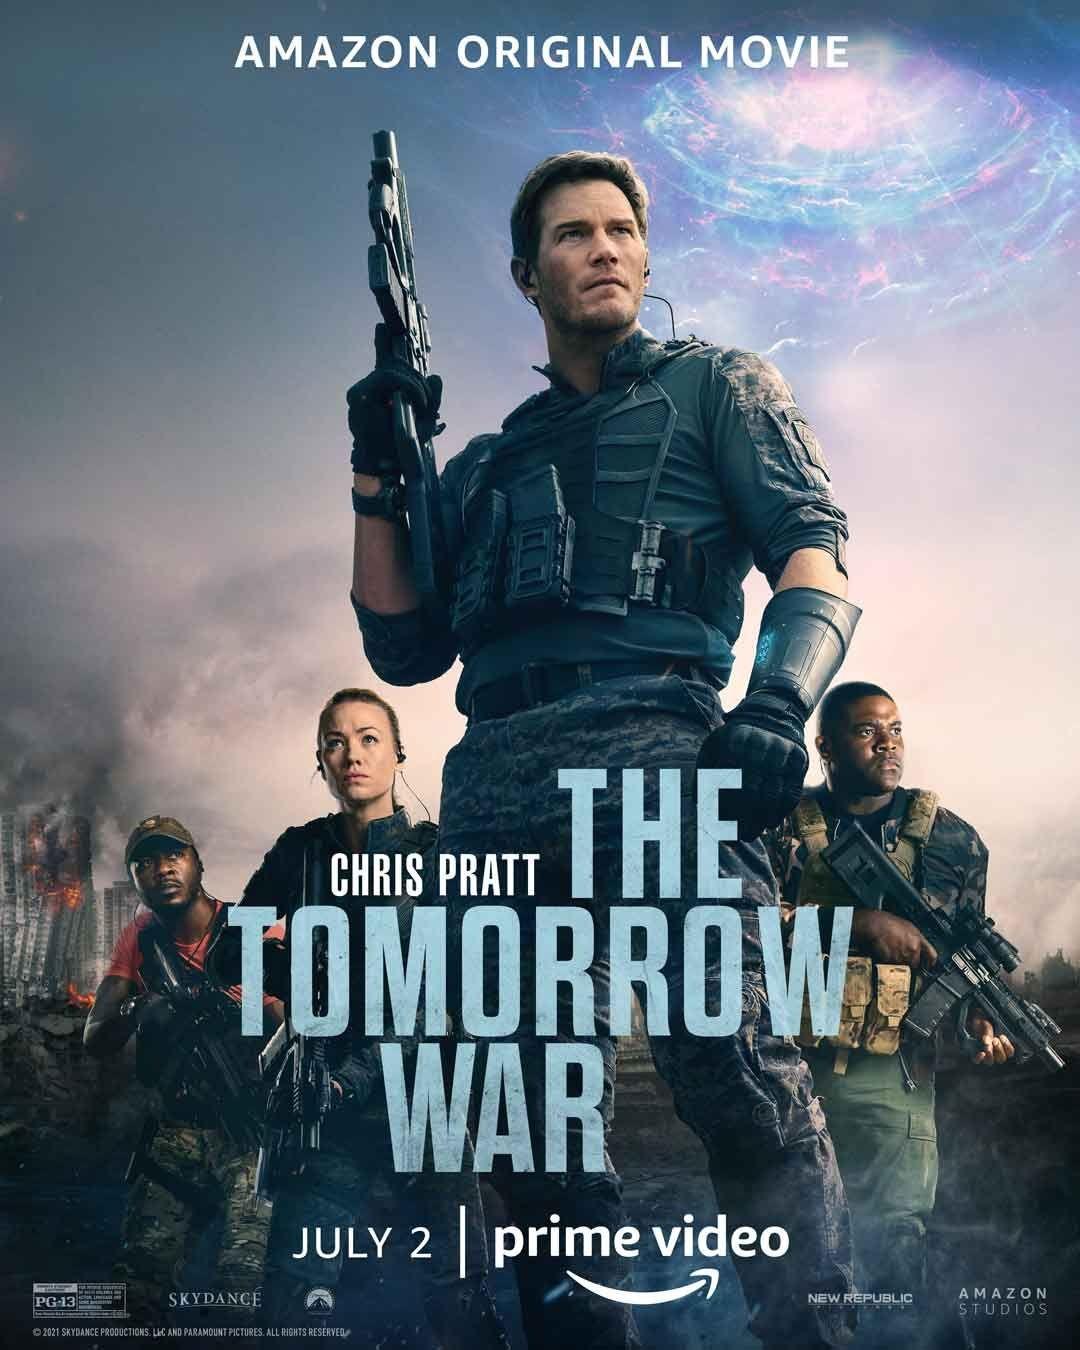 Póster promocional de The Tomorrow War (2021). Imagen: impawards.com